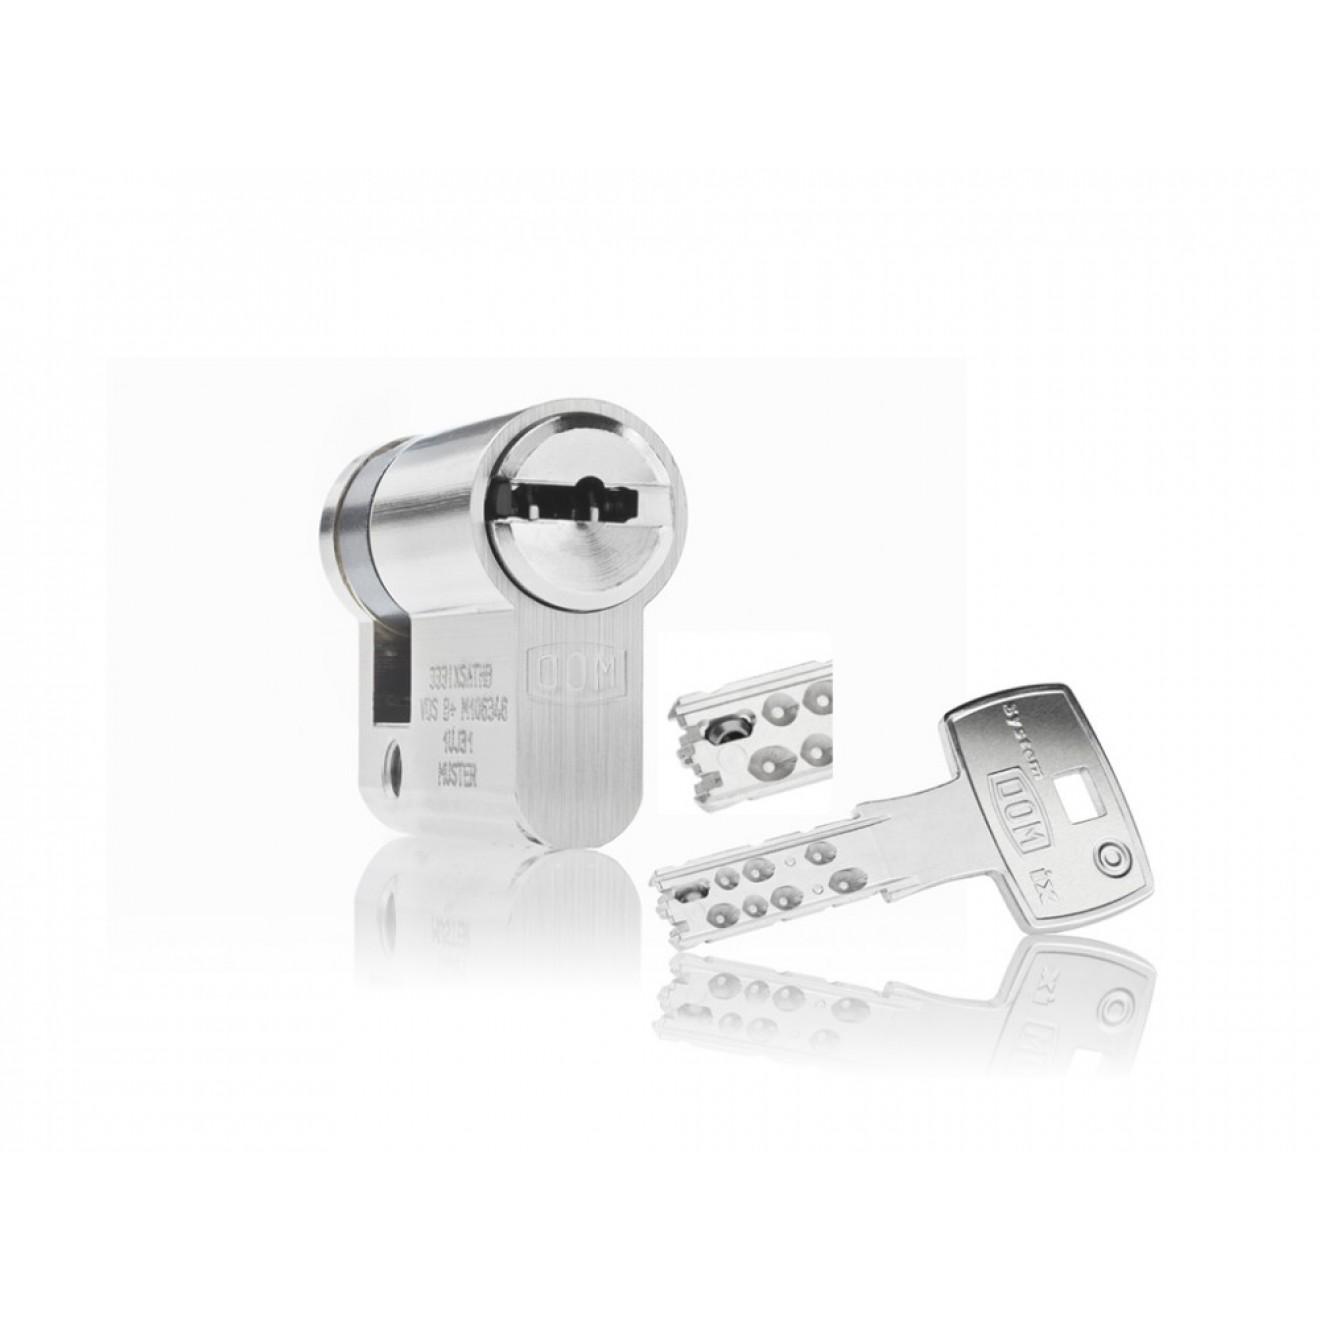 ix saturn halbzylinder mit schl sseln und sicherungskarte. Black Bedroom Furniture Sets. Home Design Ideas